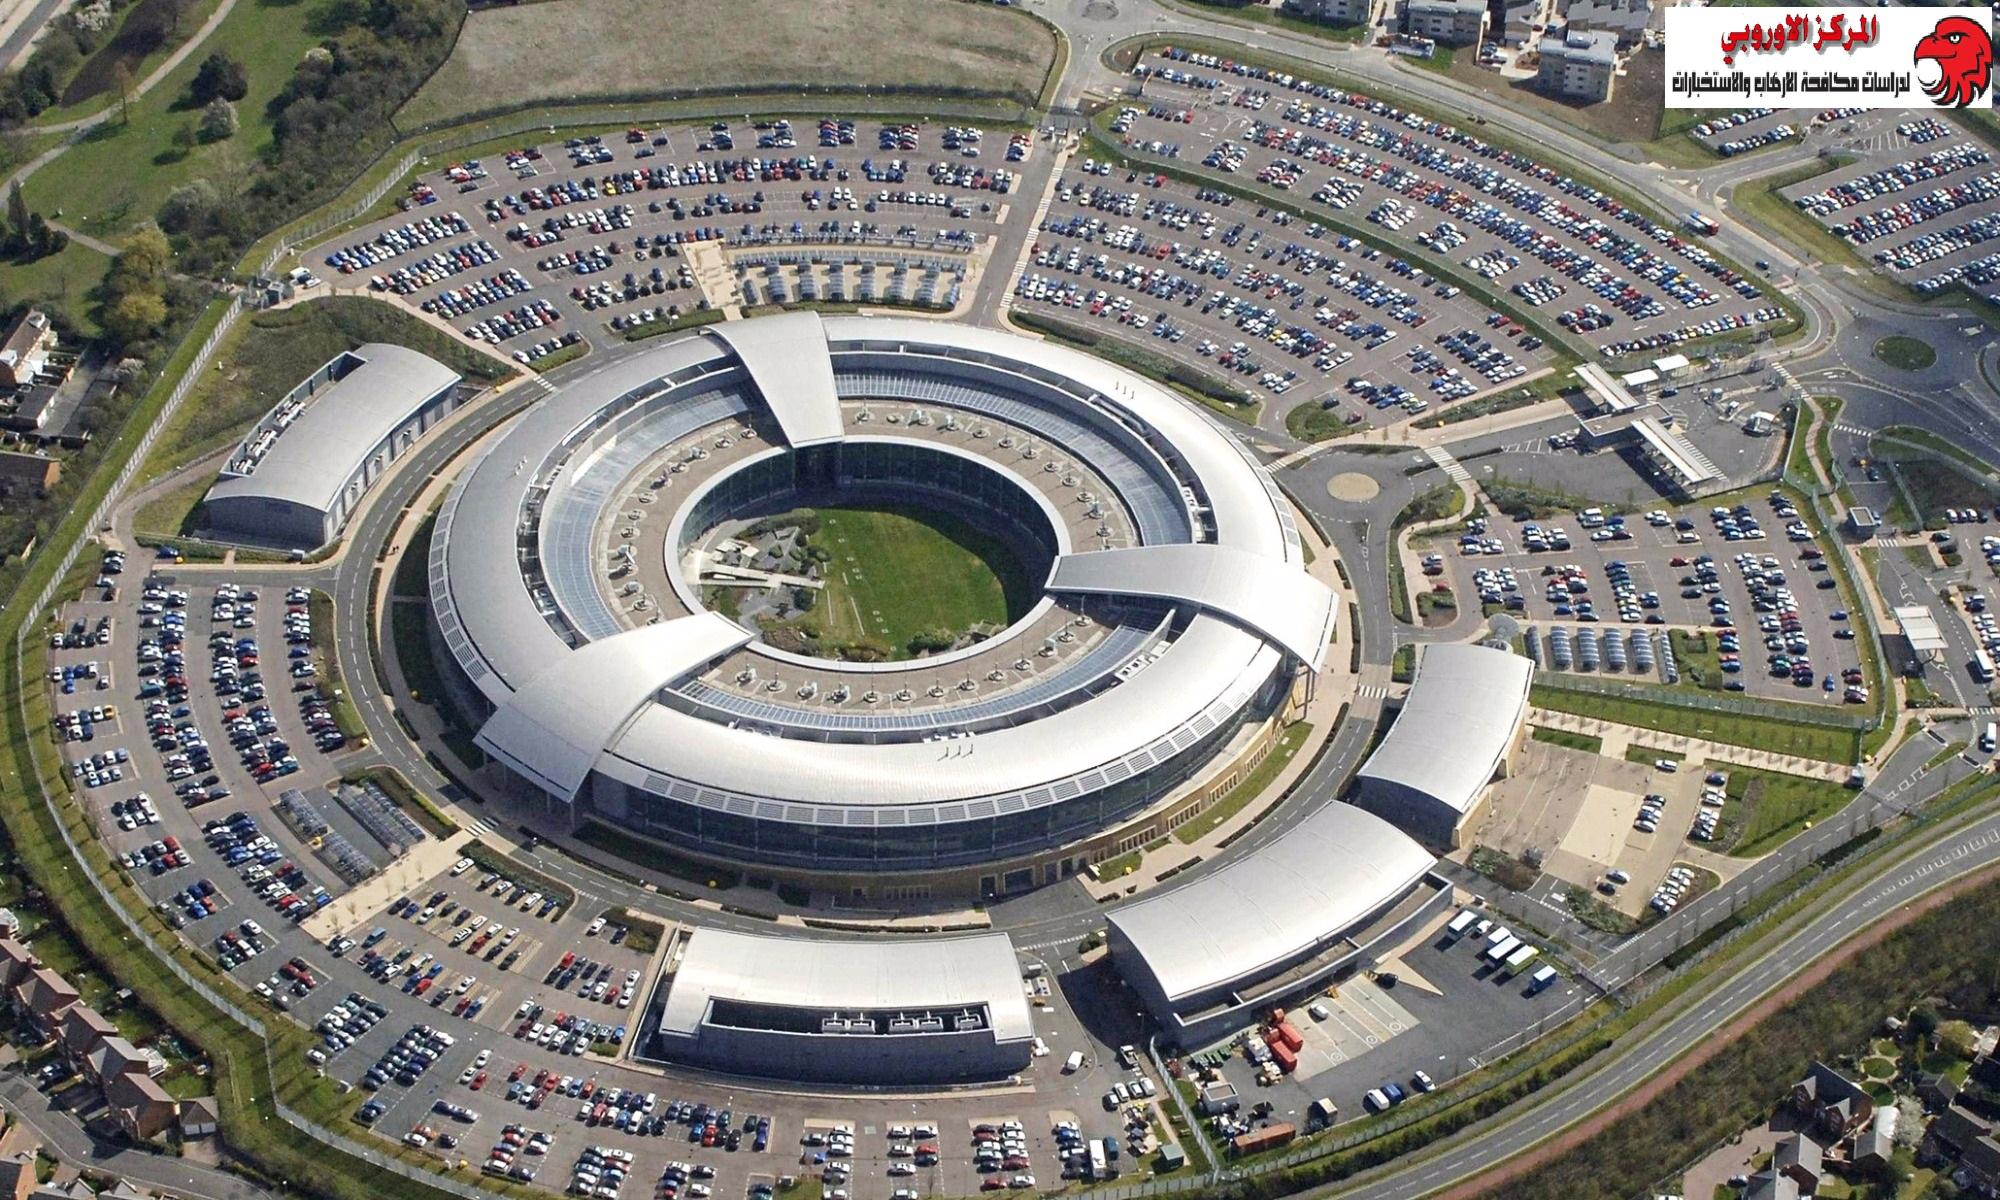 آلية معالجة الخبر والمعلومة وتوظيفها داخل اجهزة الإستخبارات.بقلم بشير الوندي